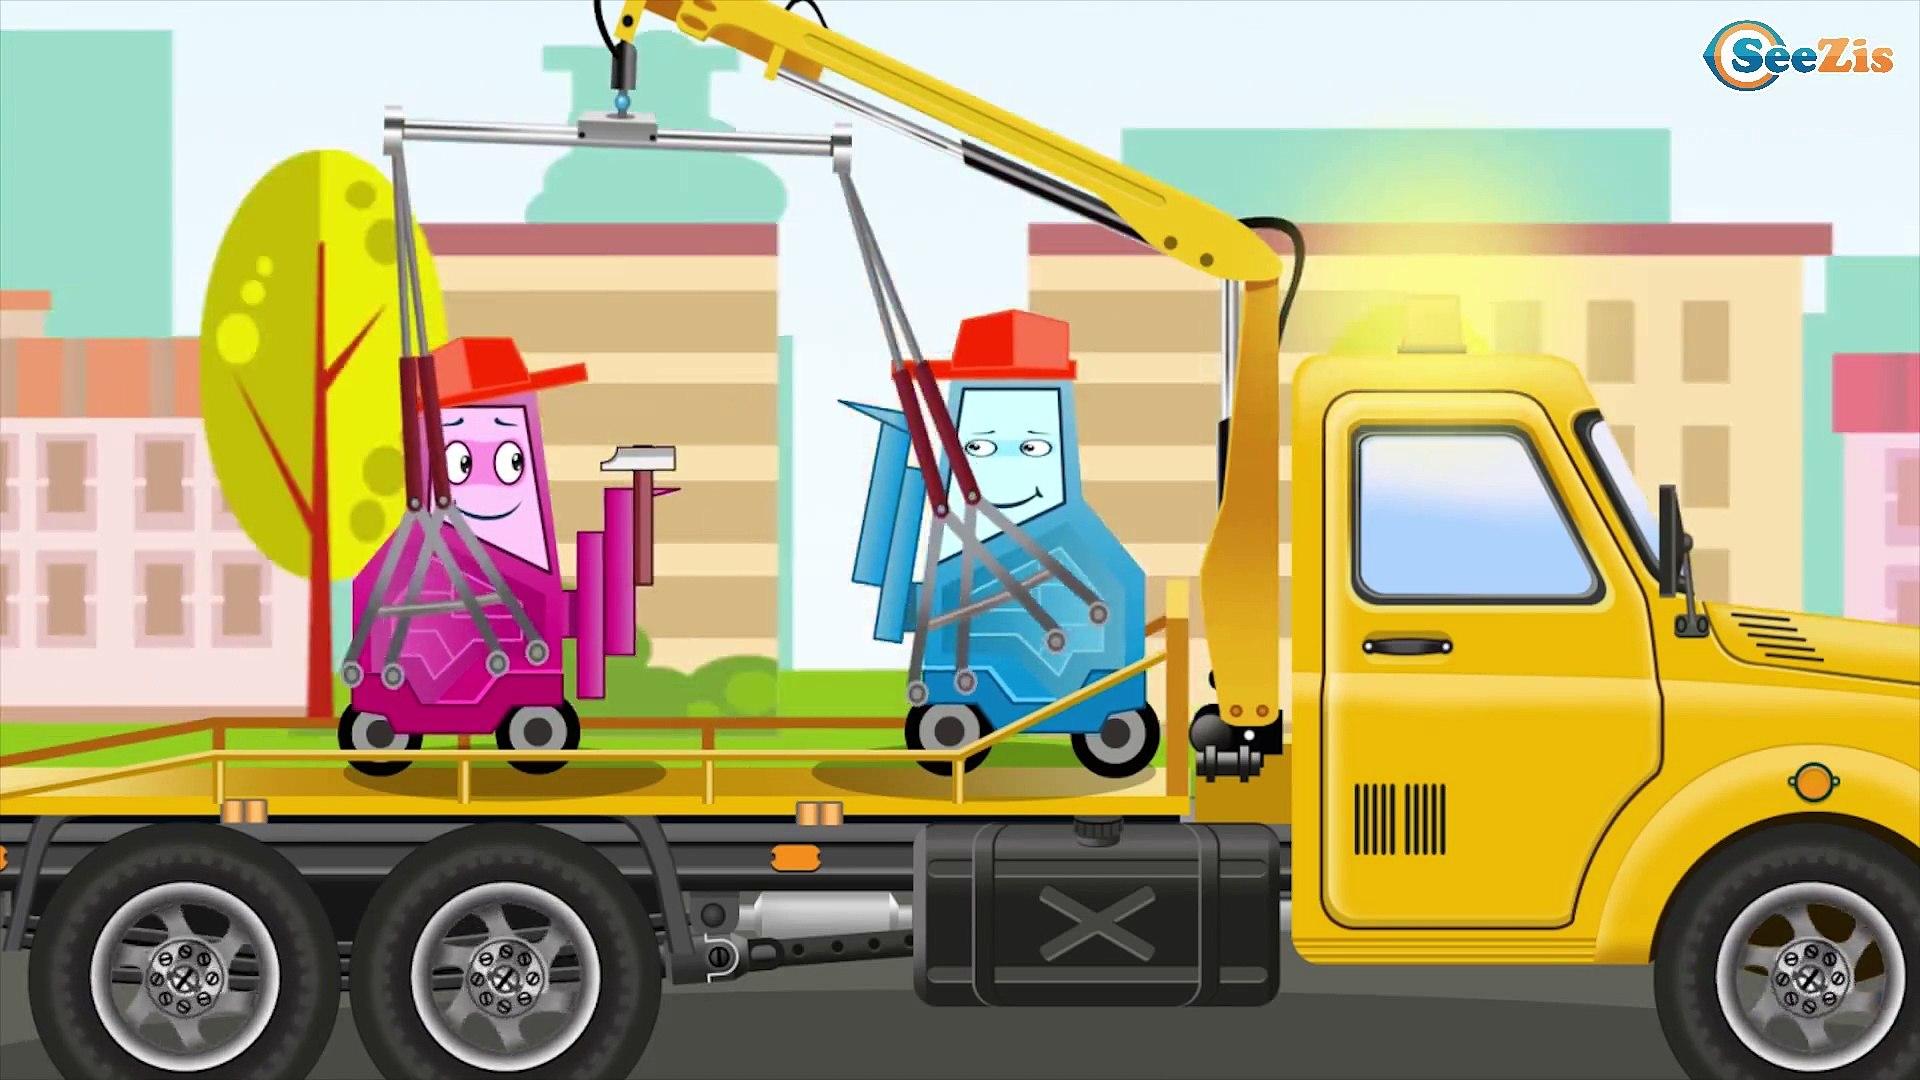 Le Camion Benne avec Véhicules aideront à Amener du Verre et Sable. Voitures pour les enfants